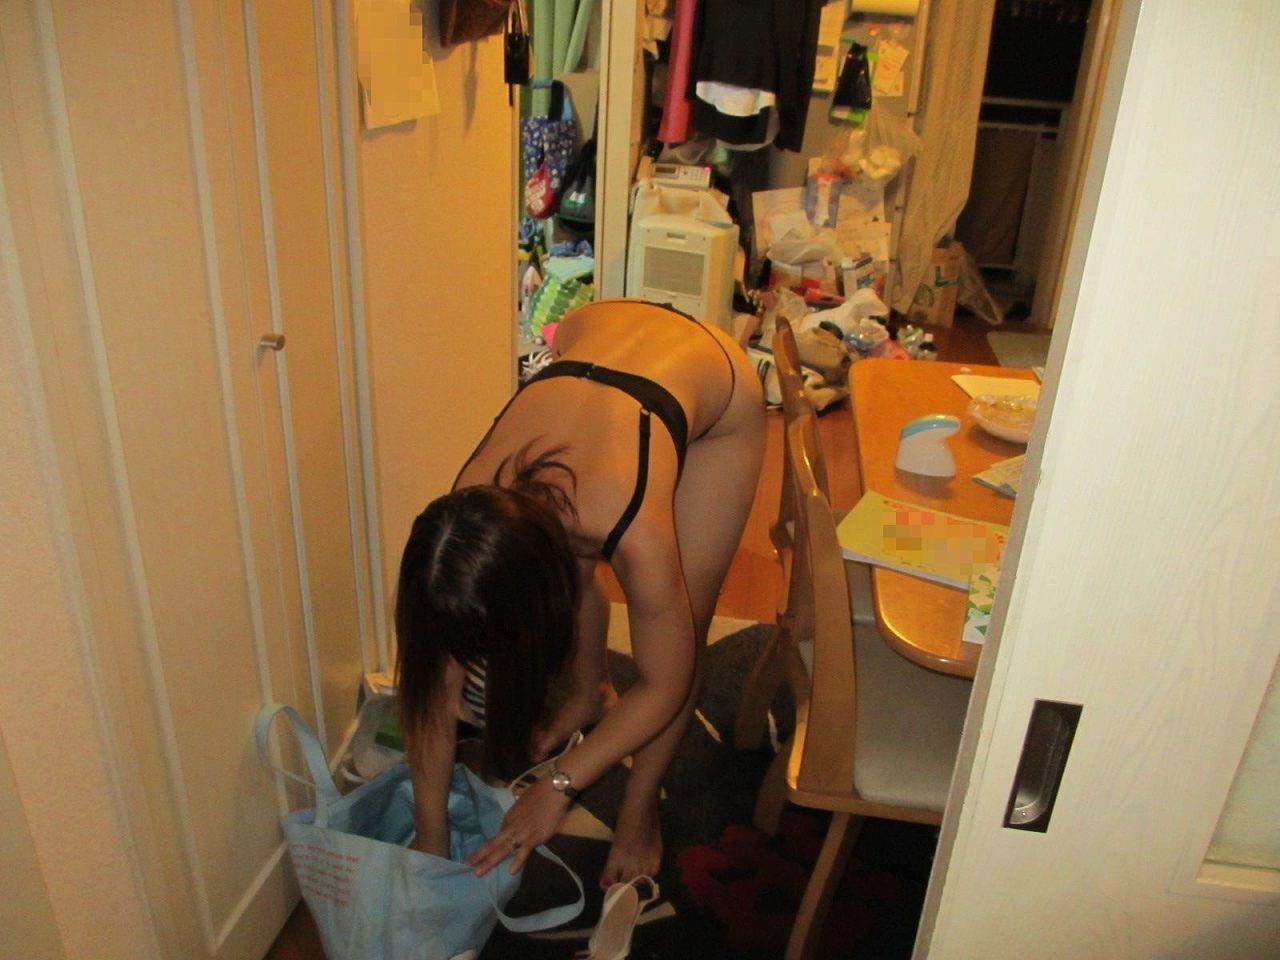 家庭内姉妹や妻の日常エロ盗撮下着姿エロ写メ画像16枚目